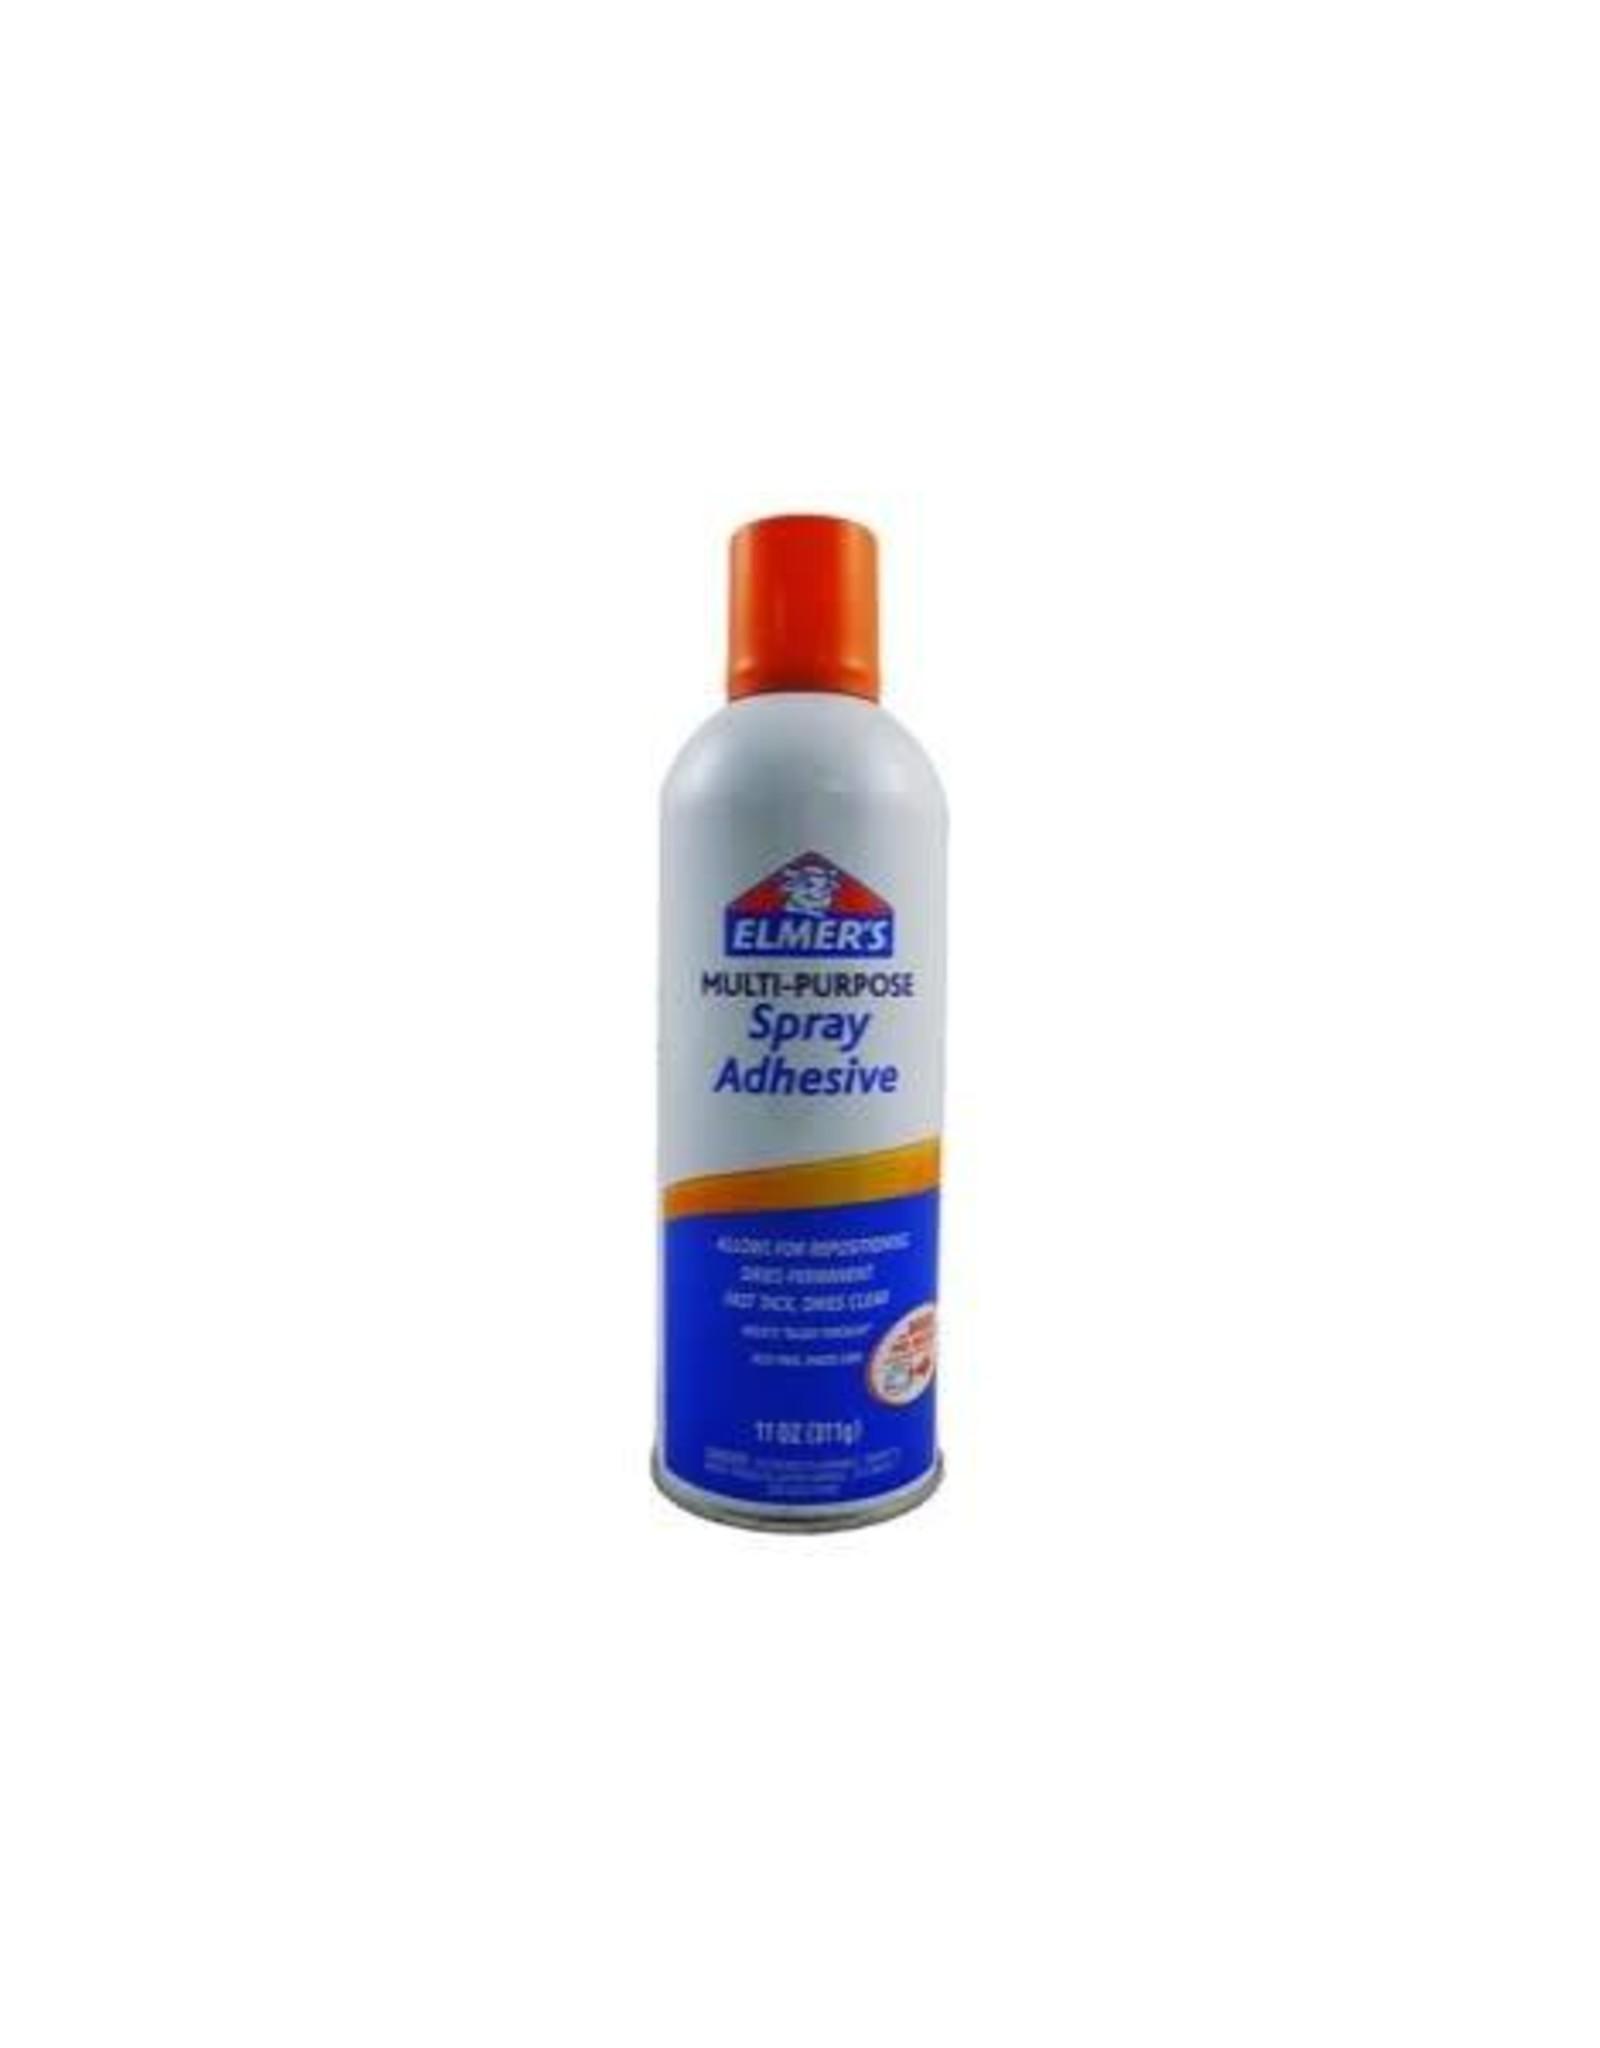 Elmer's Adhesive Spray Multi Purpose 4oz (Spray Glue)